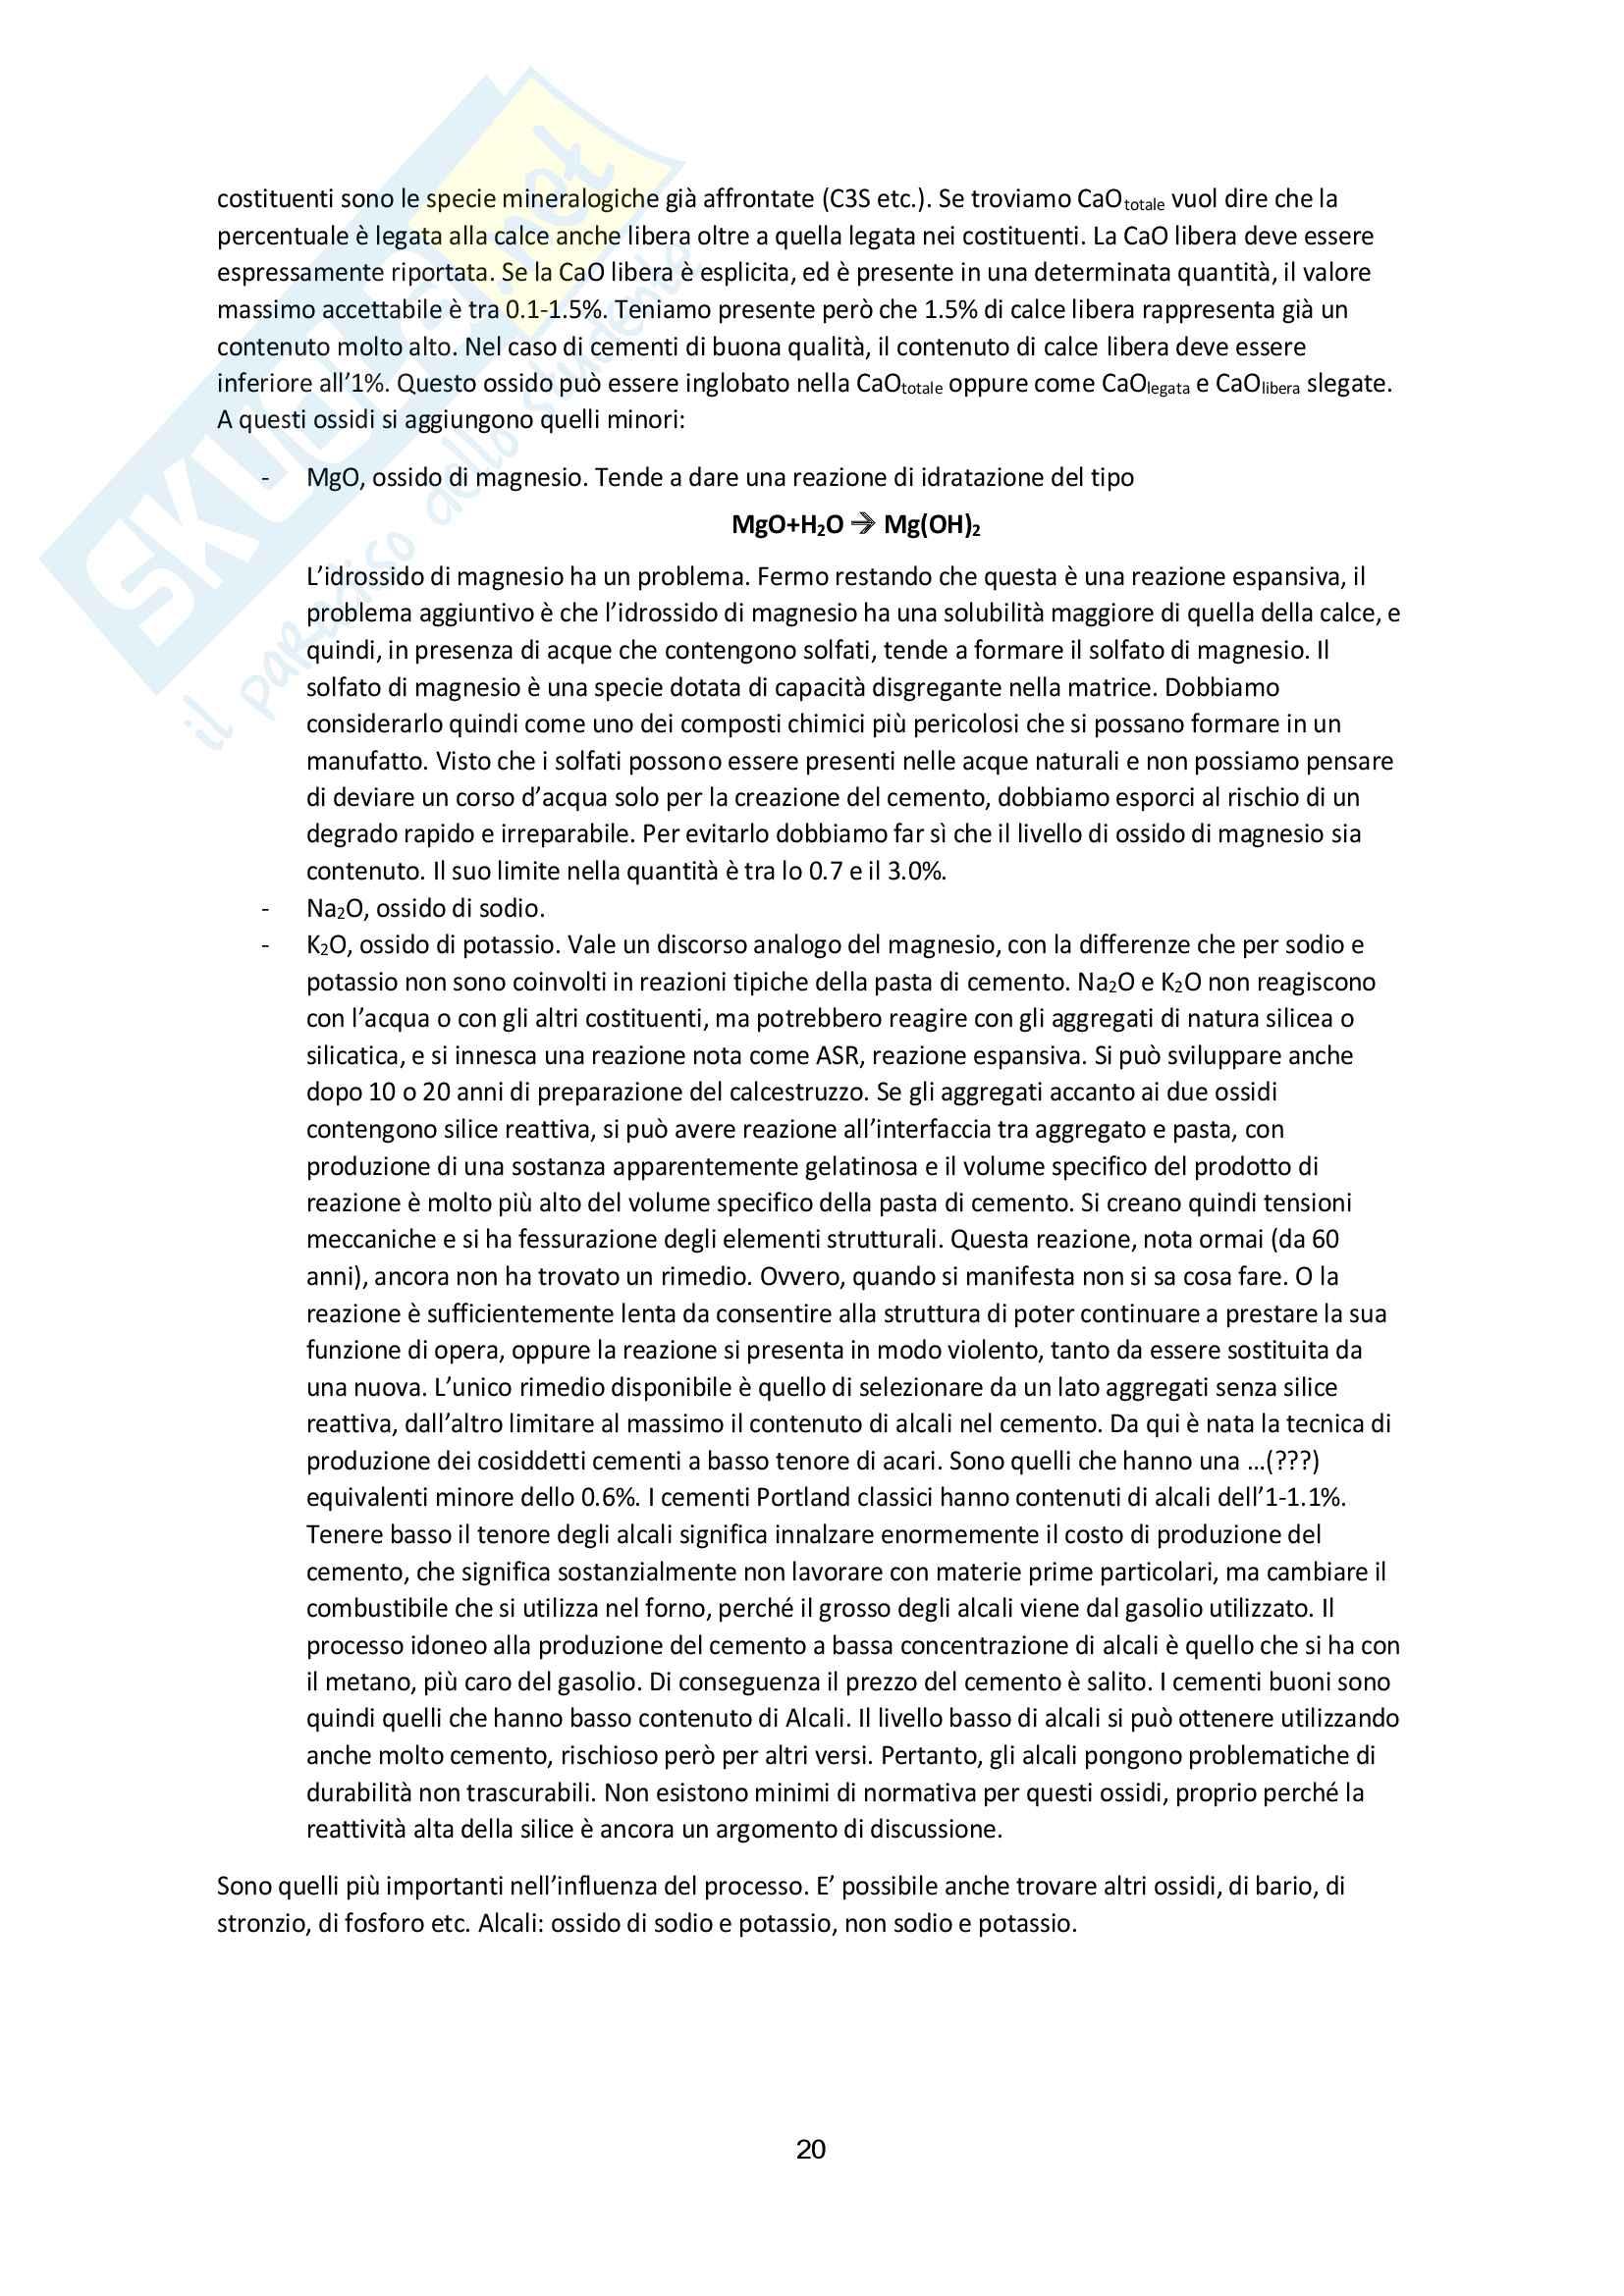 Tutte le lezioni trascritte - Tecnologia dei Materiali - TEORIA ed ESERCIZI Pag. 21